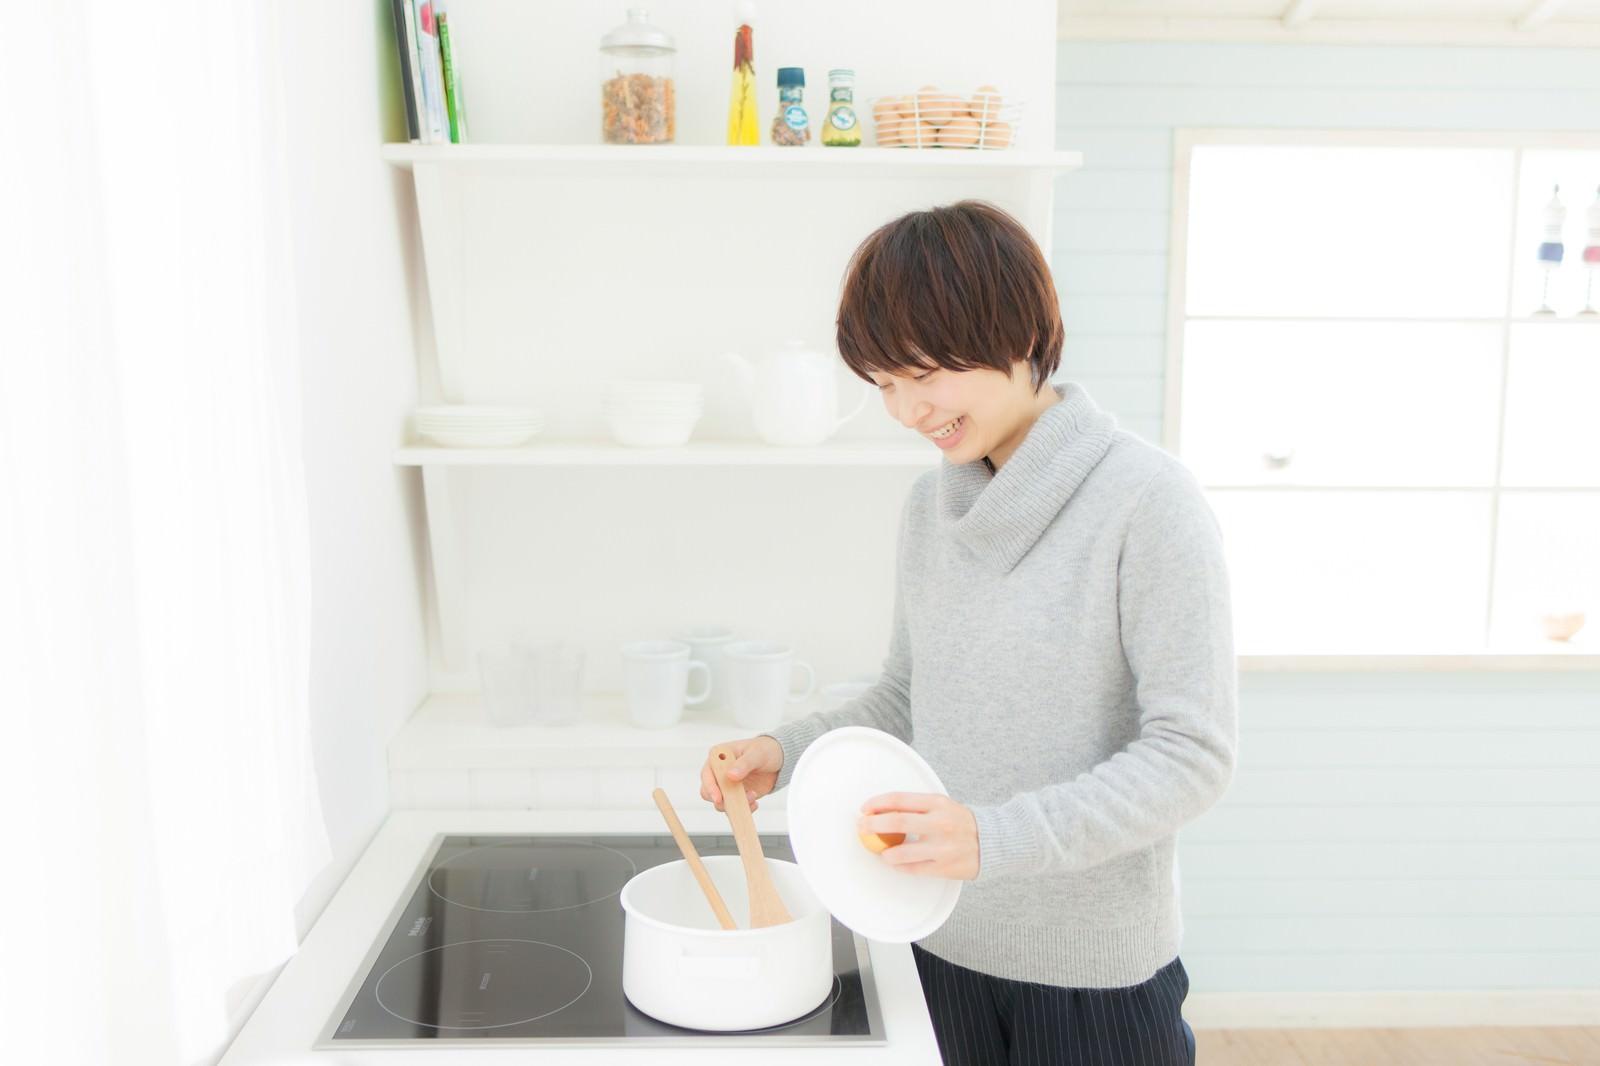 「キッチンでスープを温めなおしている女性」の写真[モデル:八木彩香]